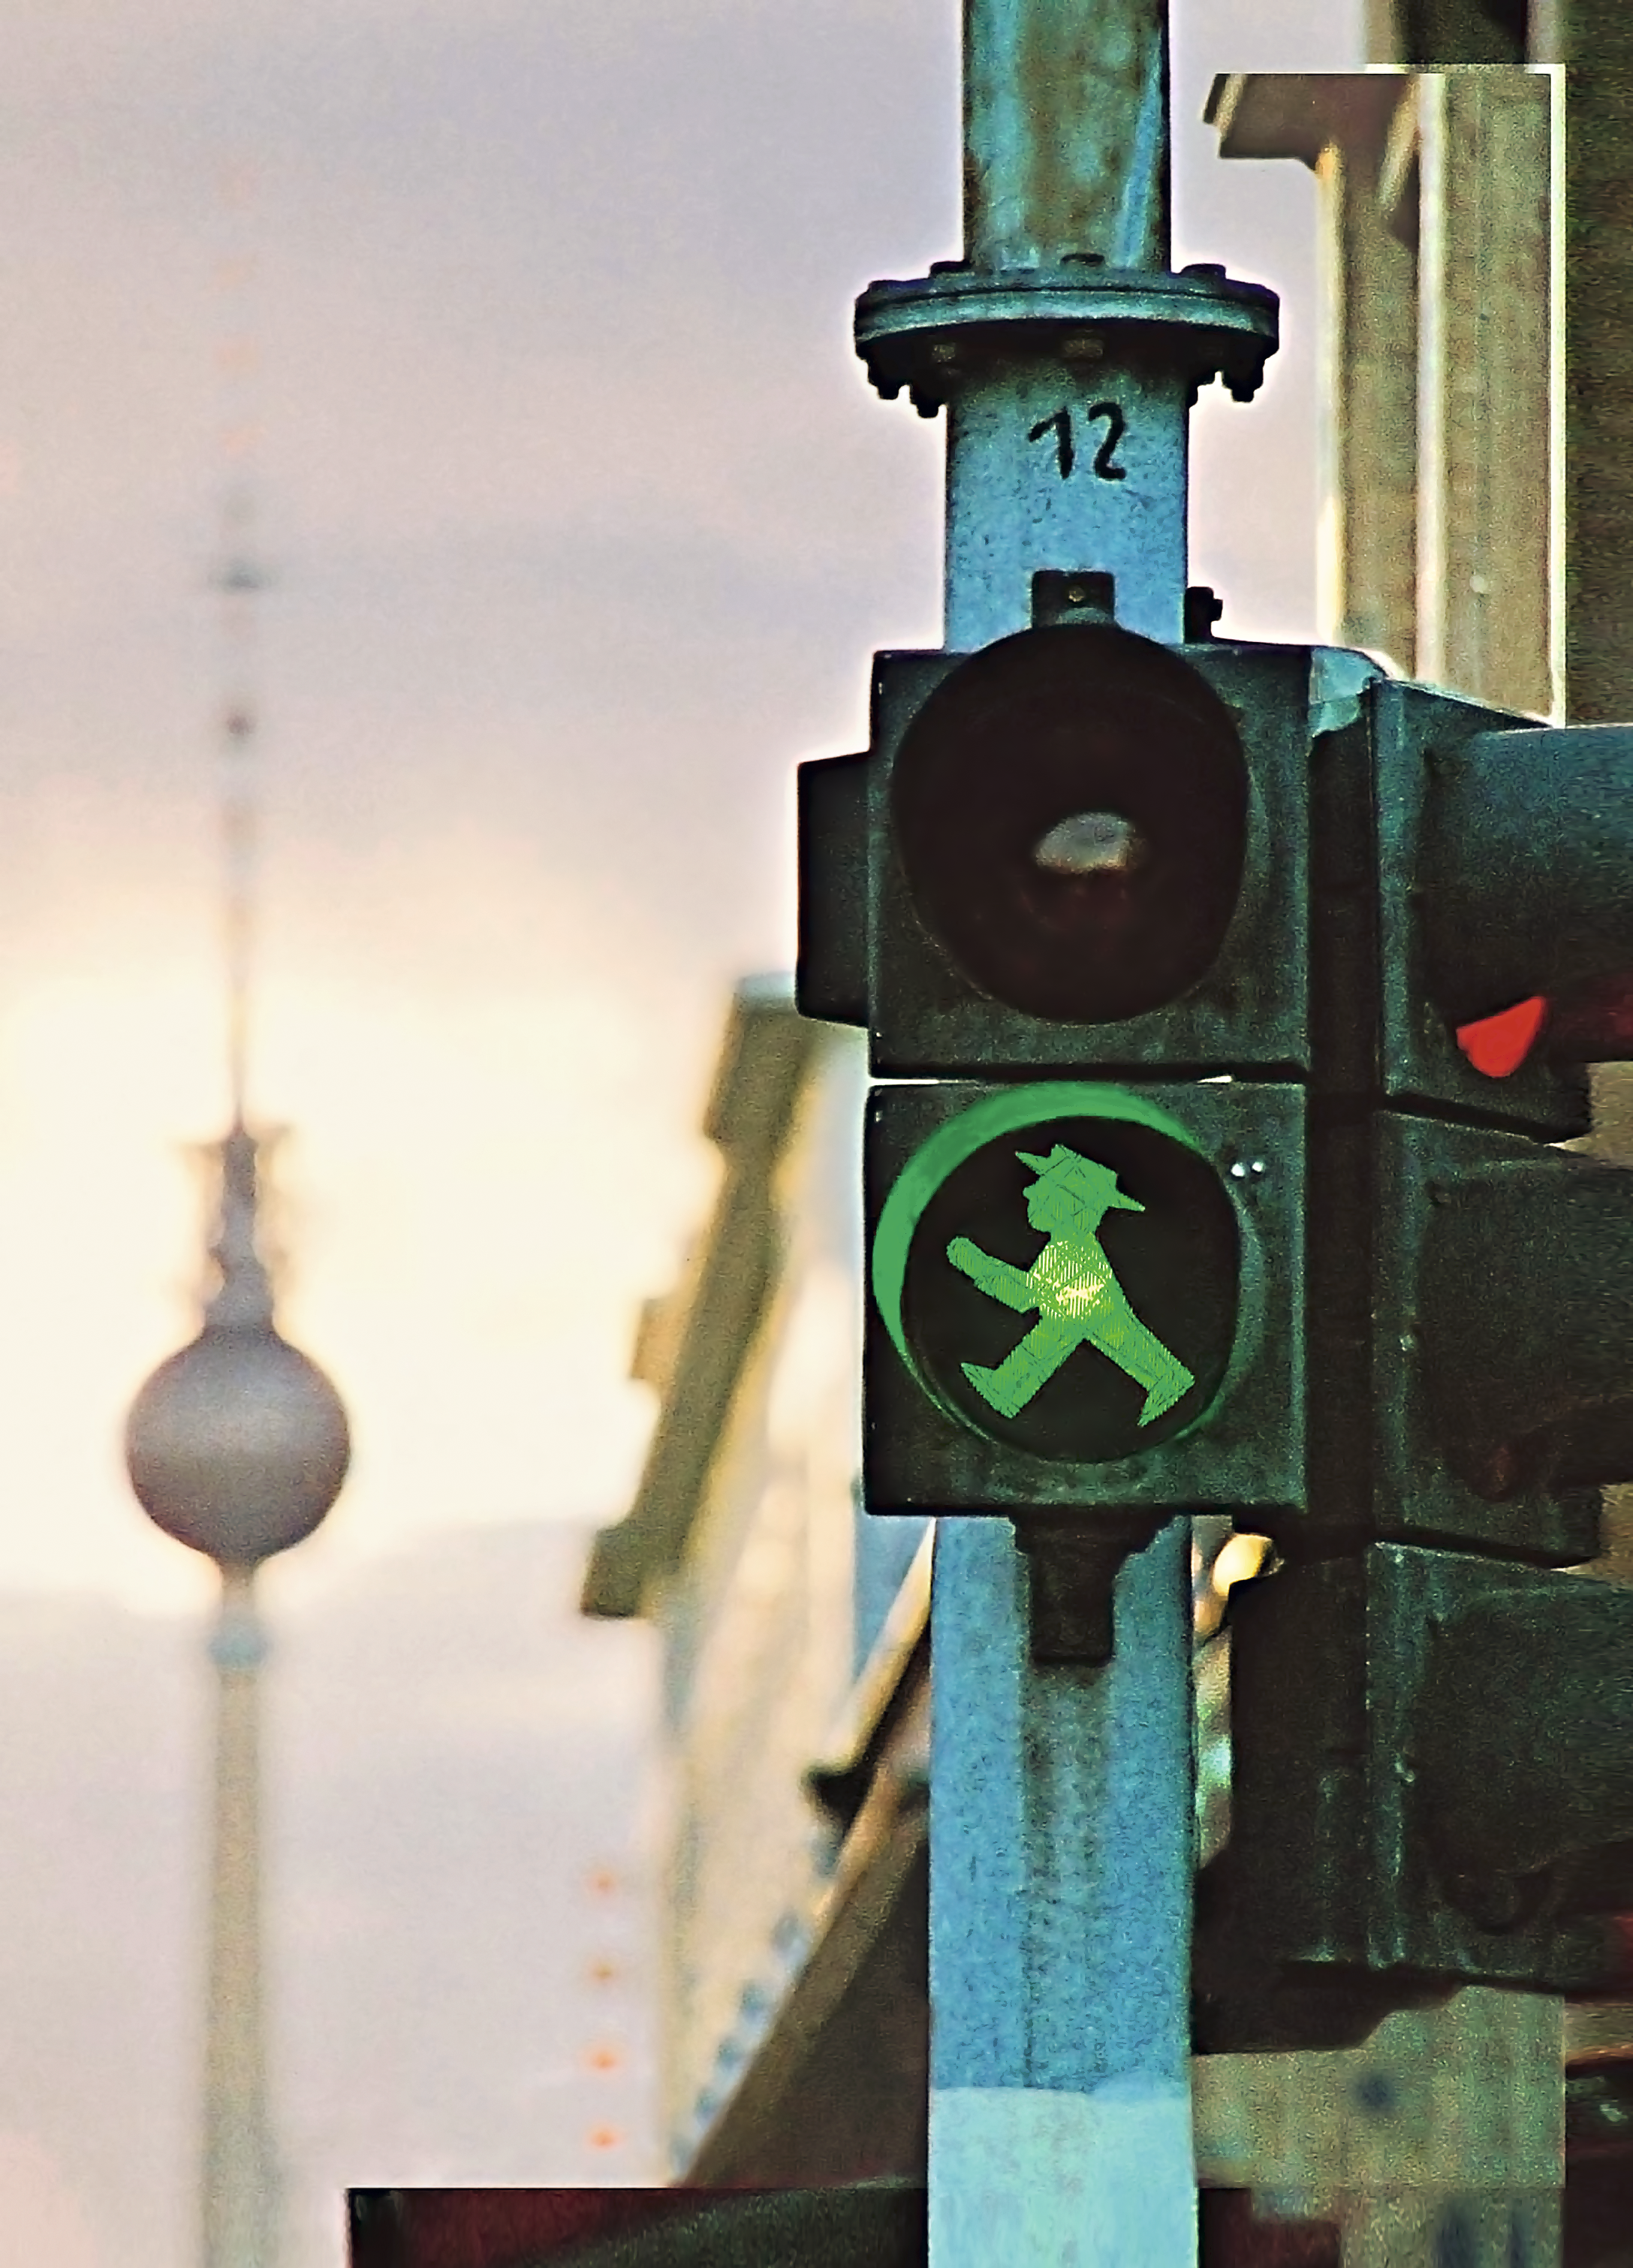 Ampelmännchen, Berlim, Alemanha